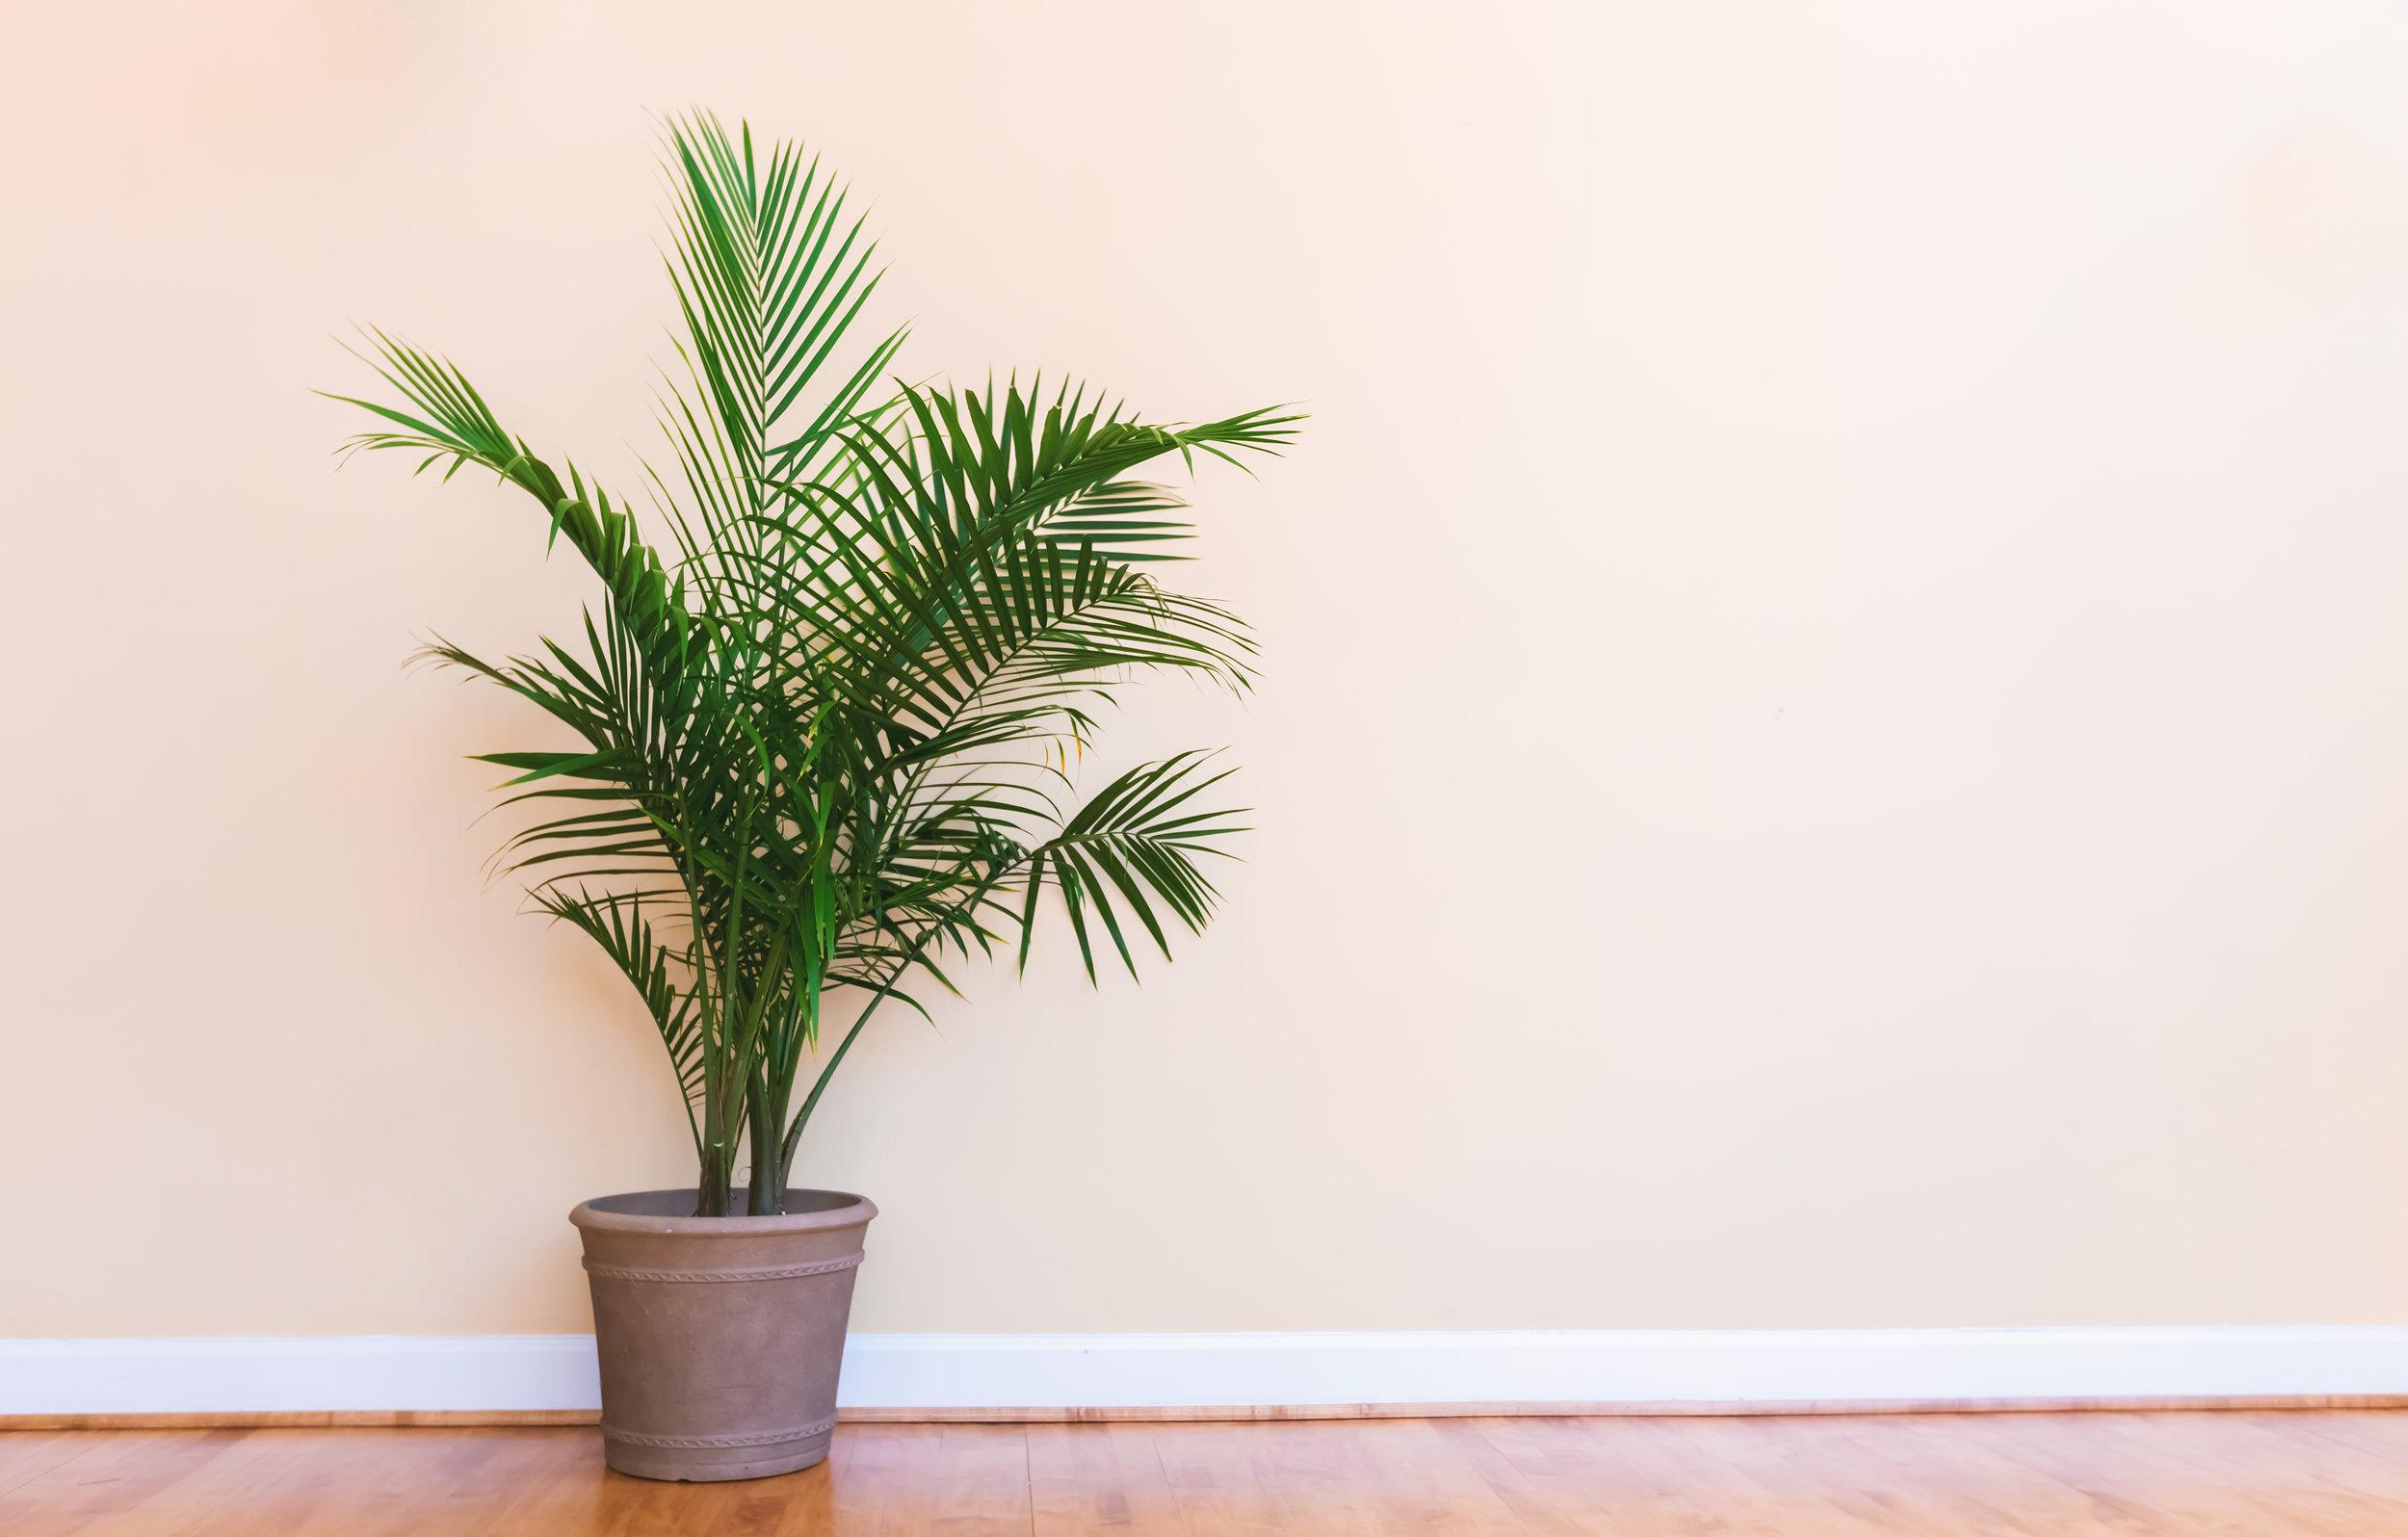 Palm Bamboo_AdobeStock_198270809.jpeg